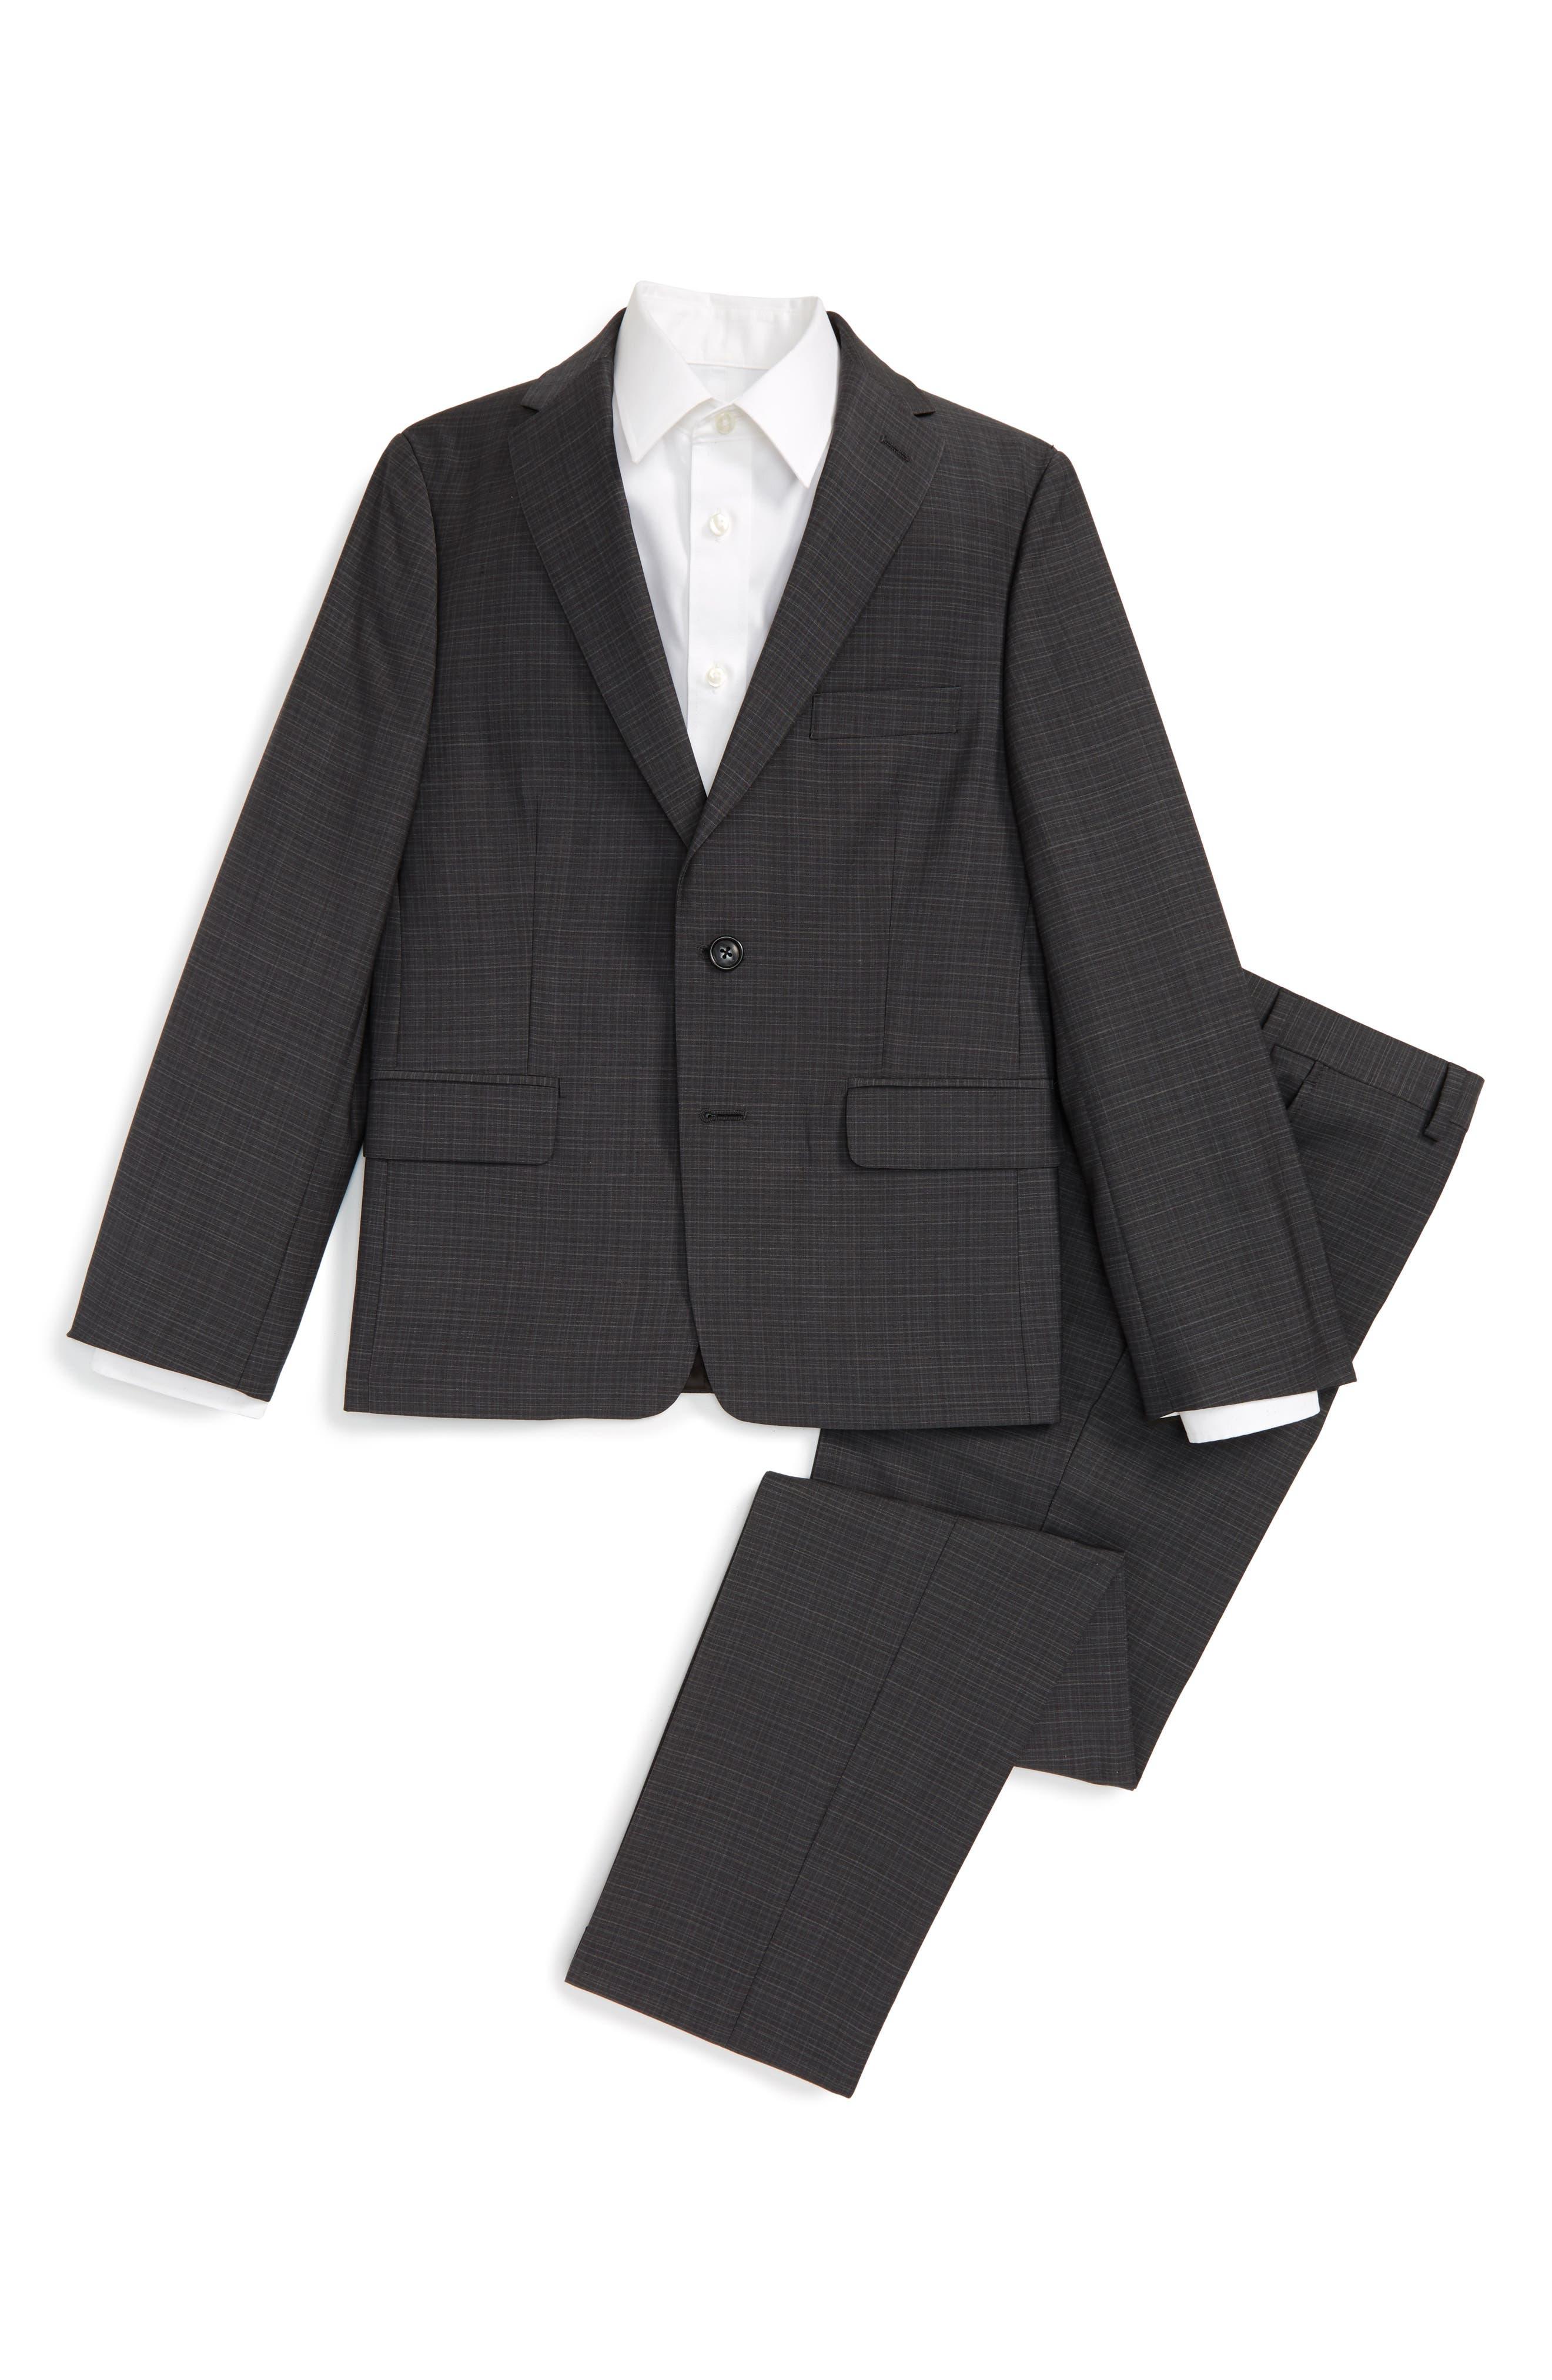 Michael Kors Check Wool Suit (Big Boys)